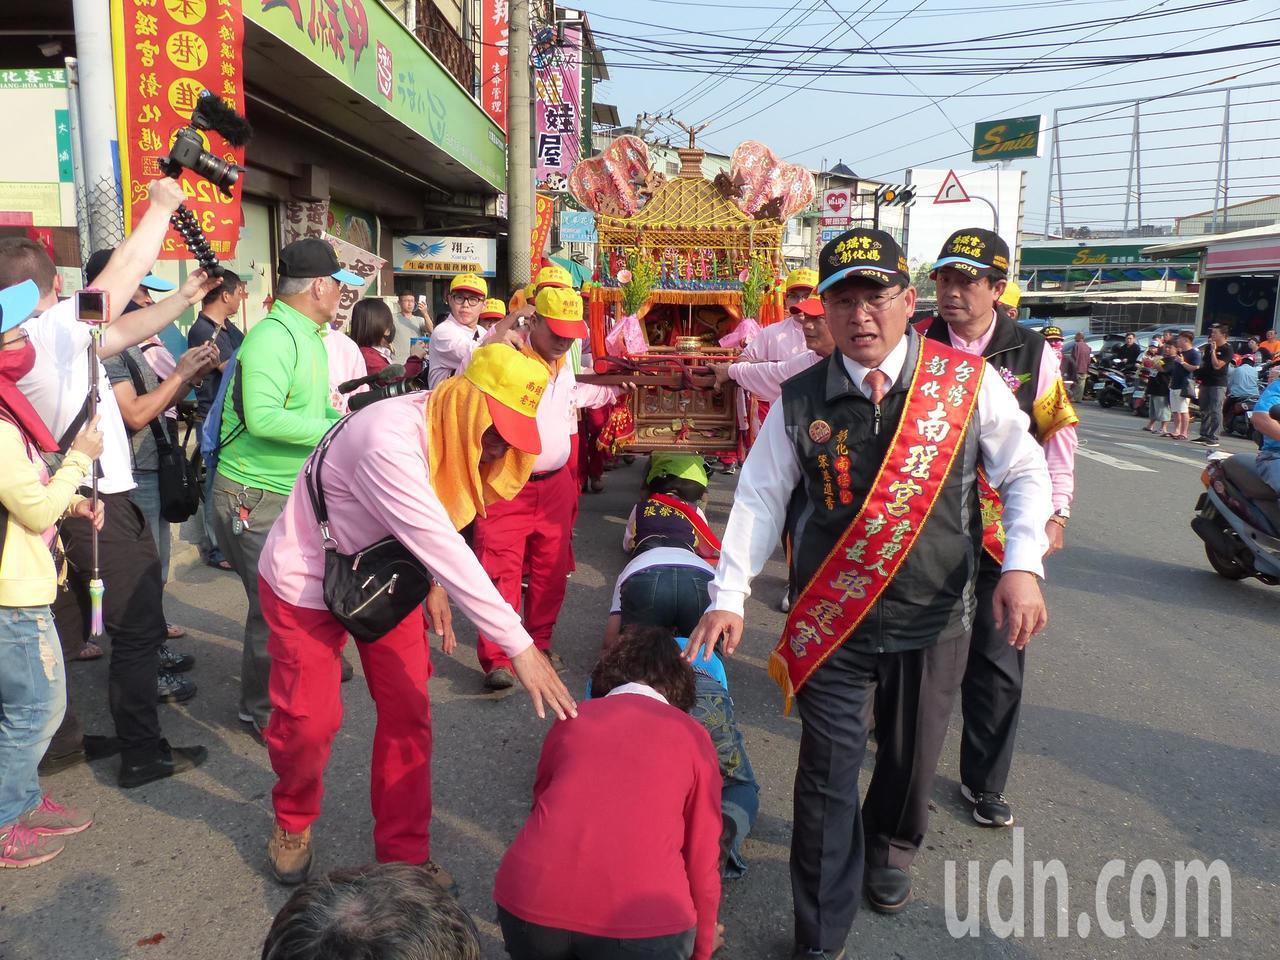 彰化南瑤宮媽祖回鑾,今天傍晚返抵彰化市,沿途信眾爭相鑽轎下。記者劉明岩/攝影